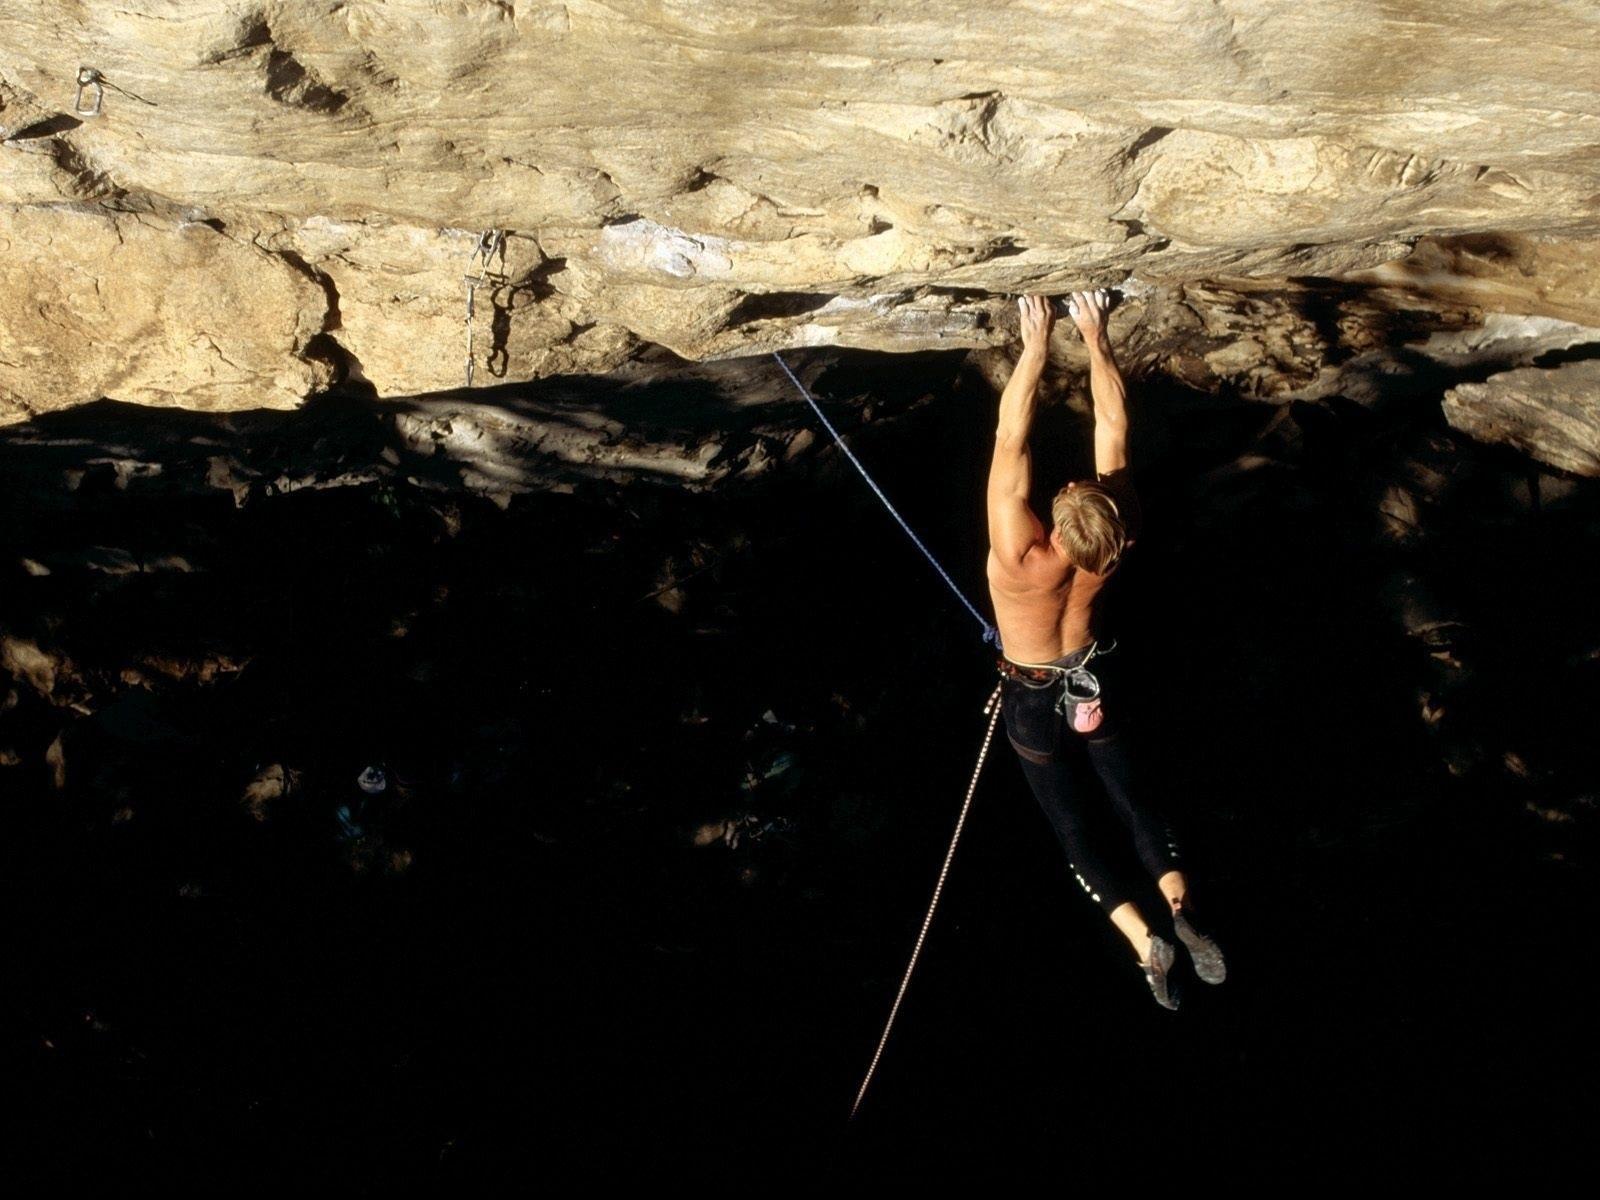 природа горы спорт скалолазание  № 3295536 загрузить